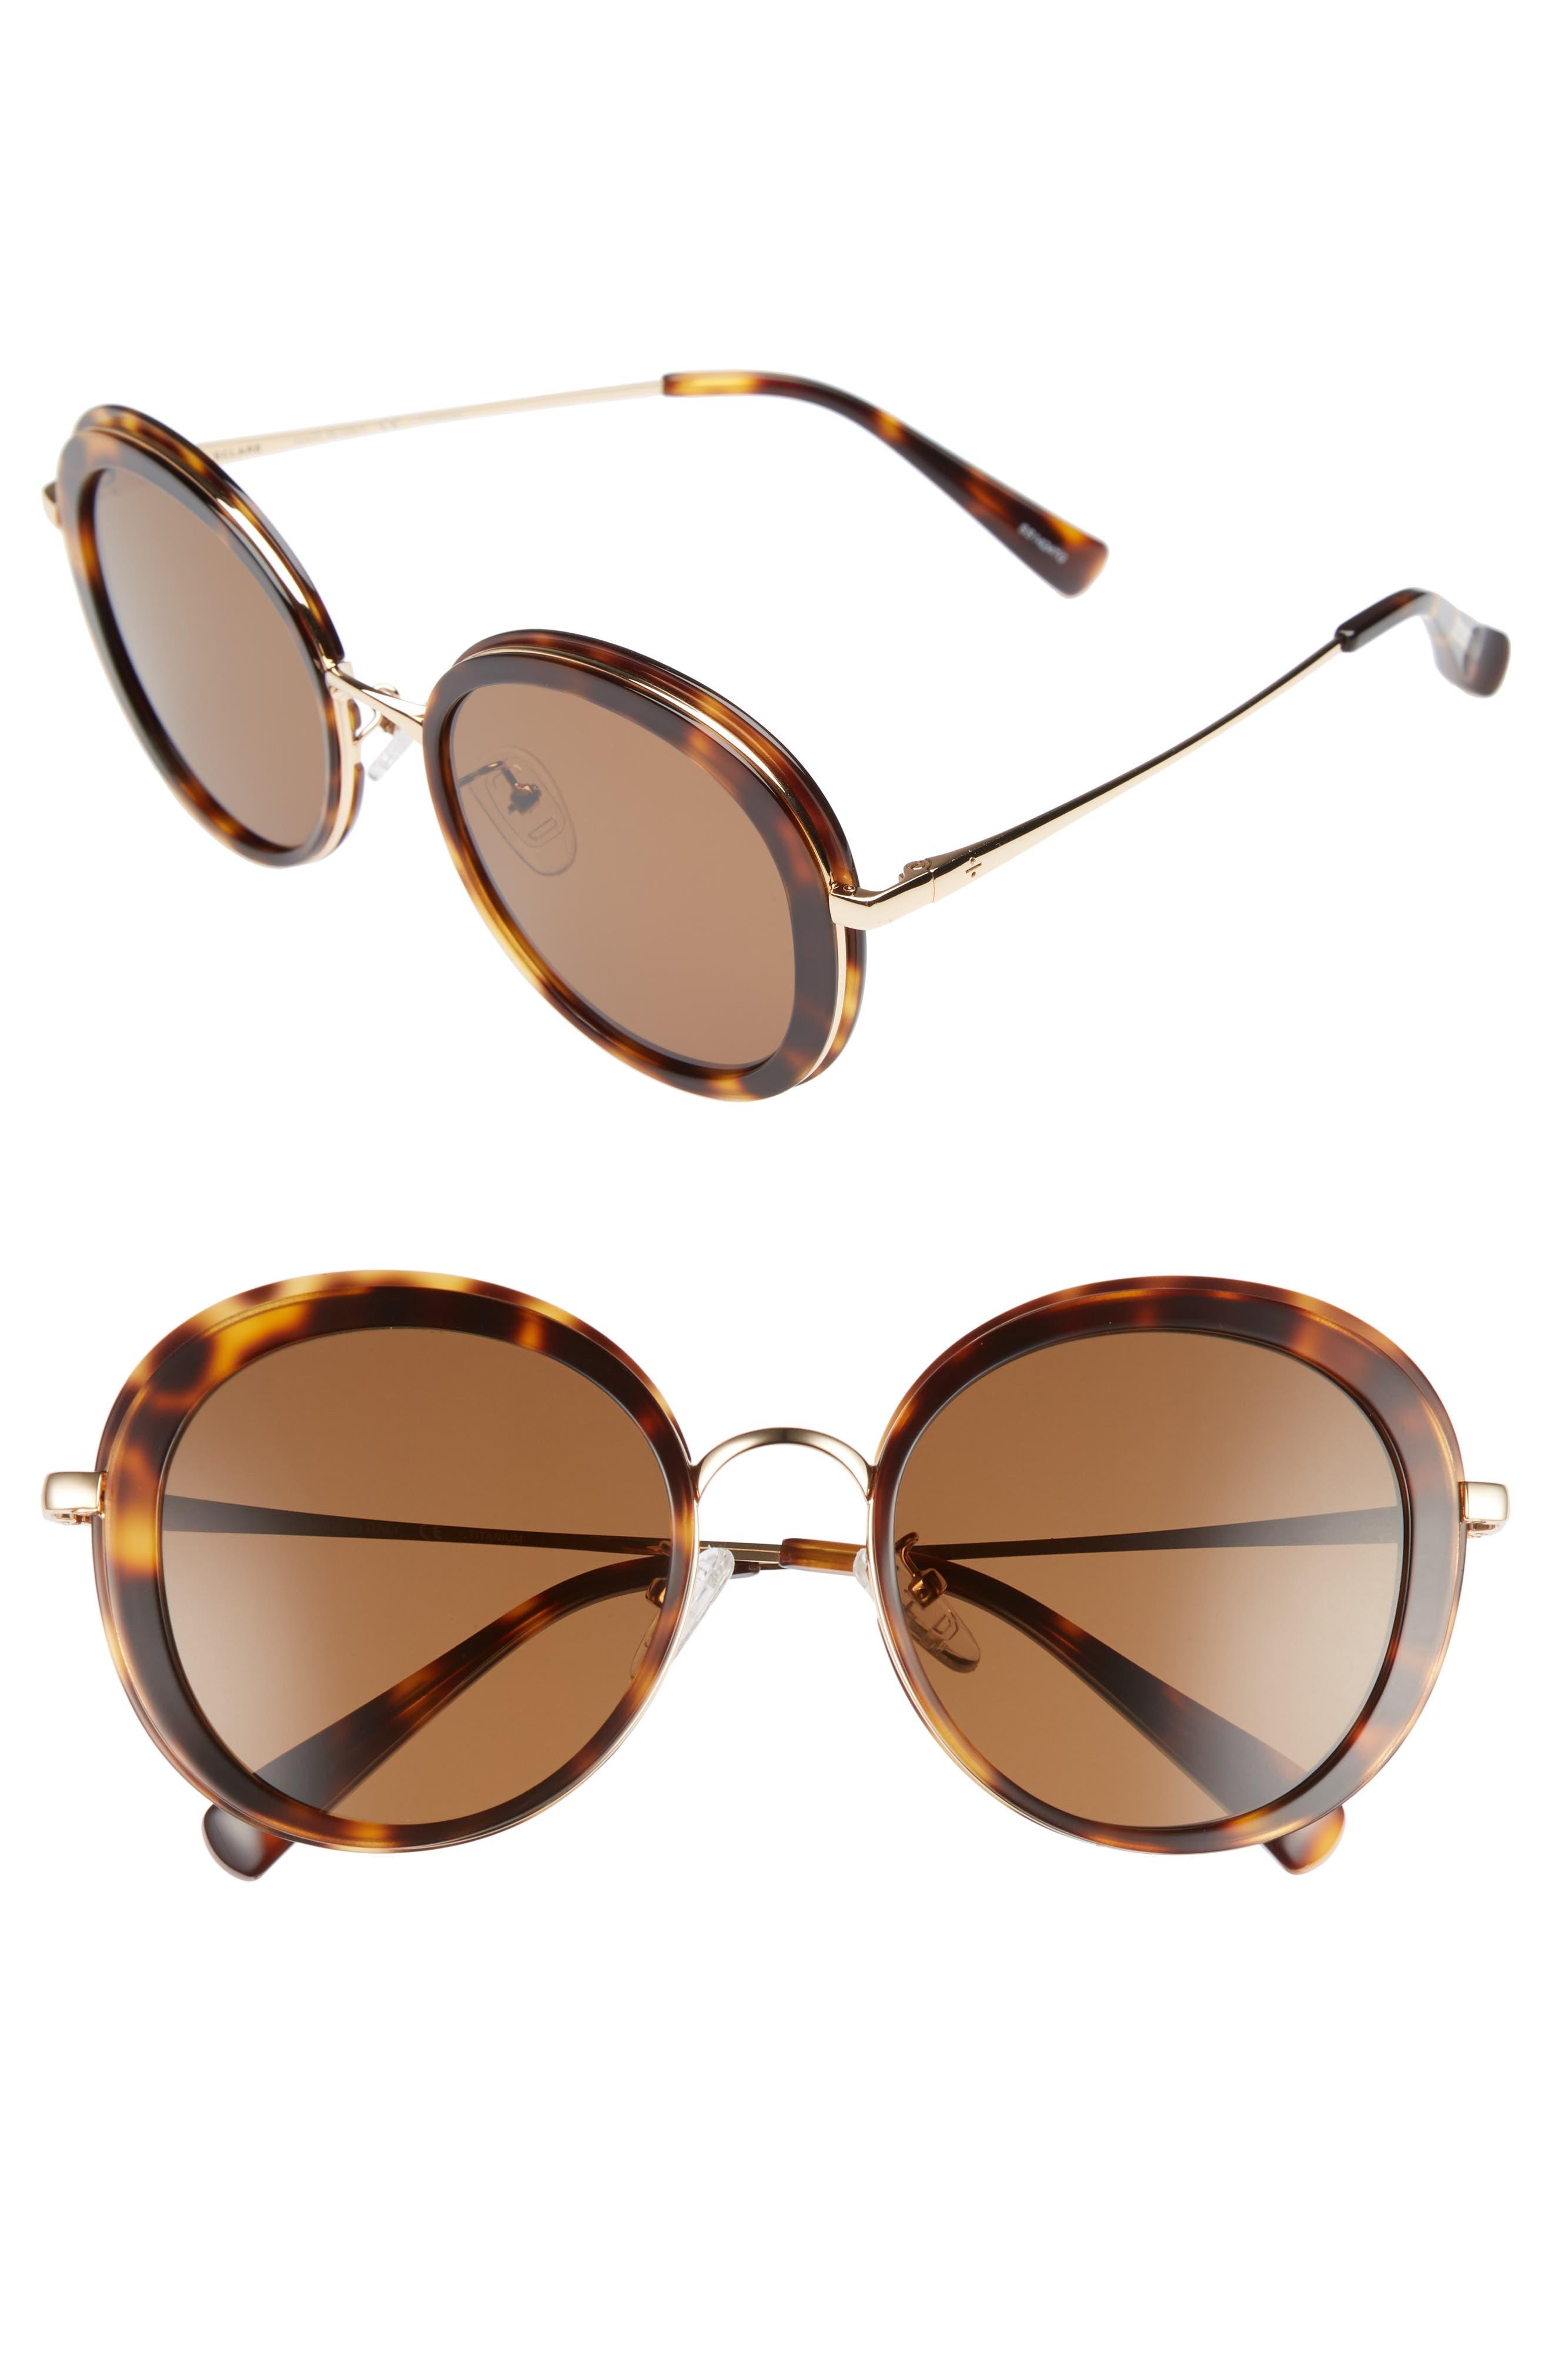 BLANC & ECLARE Portofino 54mm Polarized Sunglasses,                         Main,                         color, Tortoise/ Gold/ Solid Brown